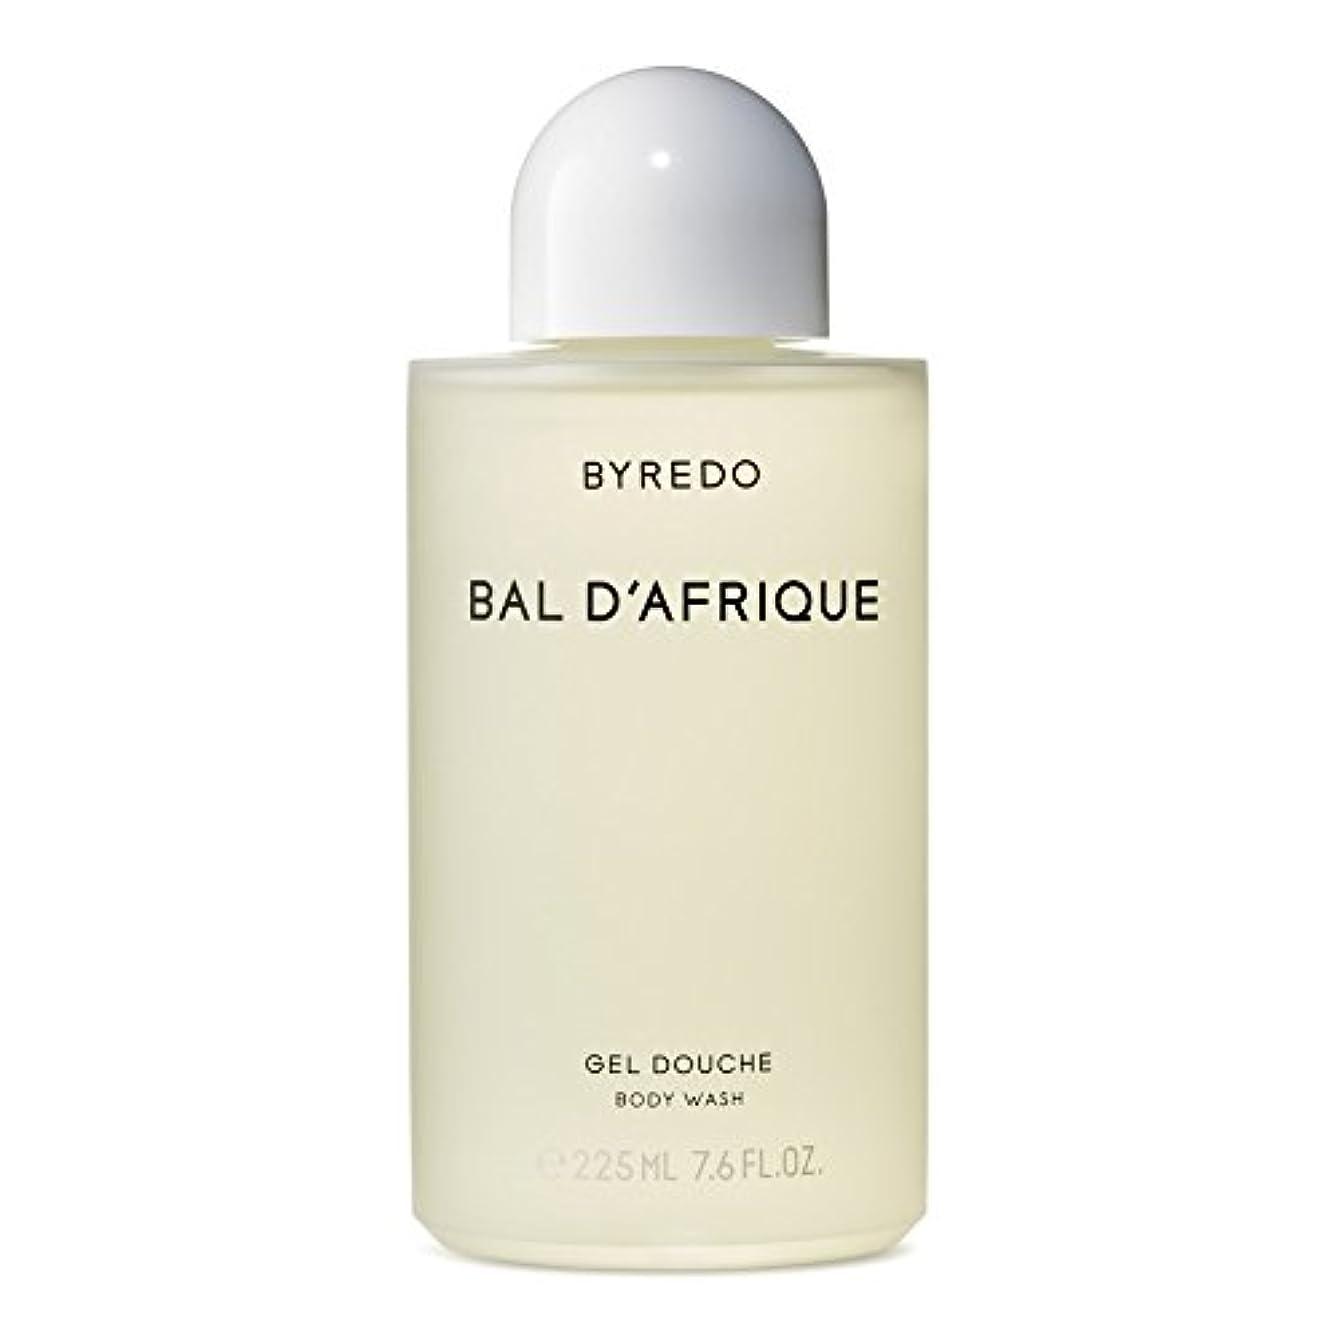 チョコレートトラフ審判のボディウォッシュ225ミリリットル x4 - Byredo Bal d'Afrique Body Wash 225ml (Pack of 4) [並行輸入品]